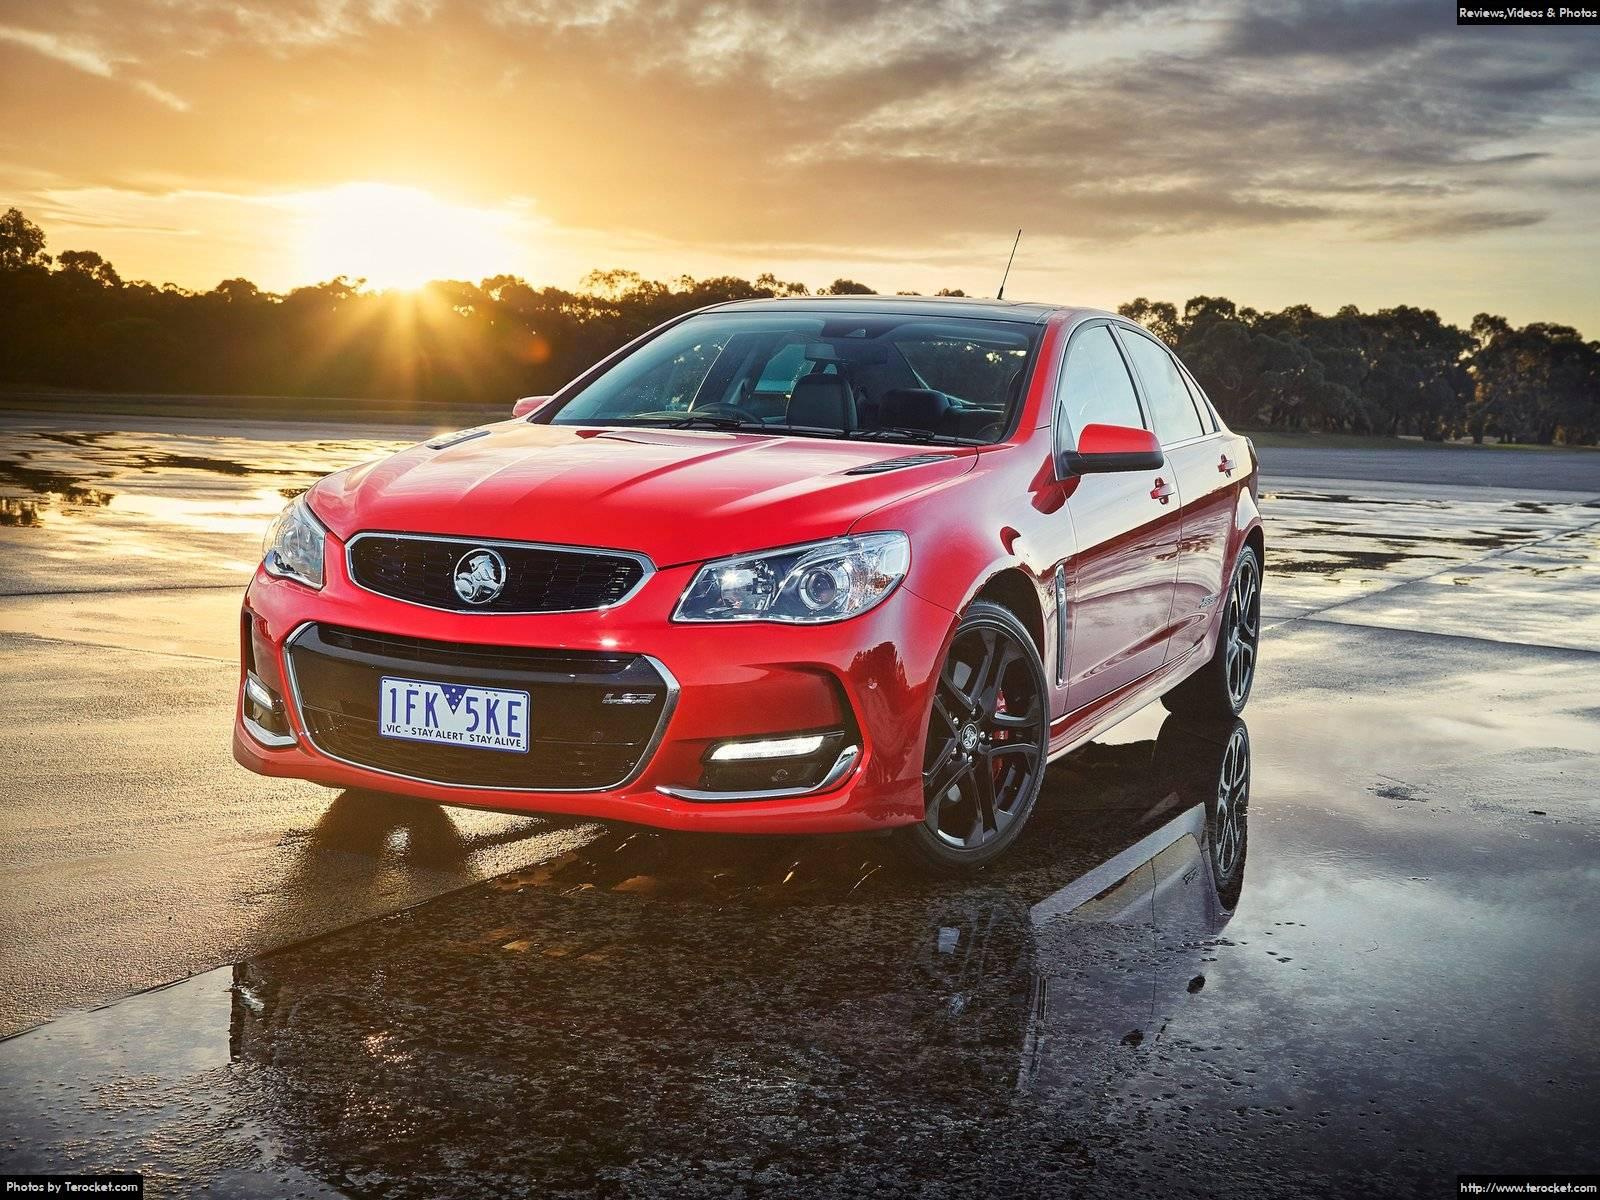 Hình ảnh xe ô tô Holden VFII Commodore 2016 & nội ngoại thất